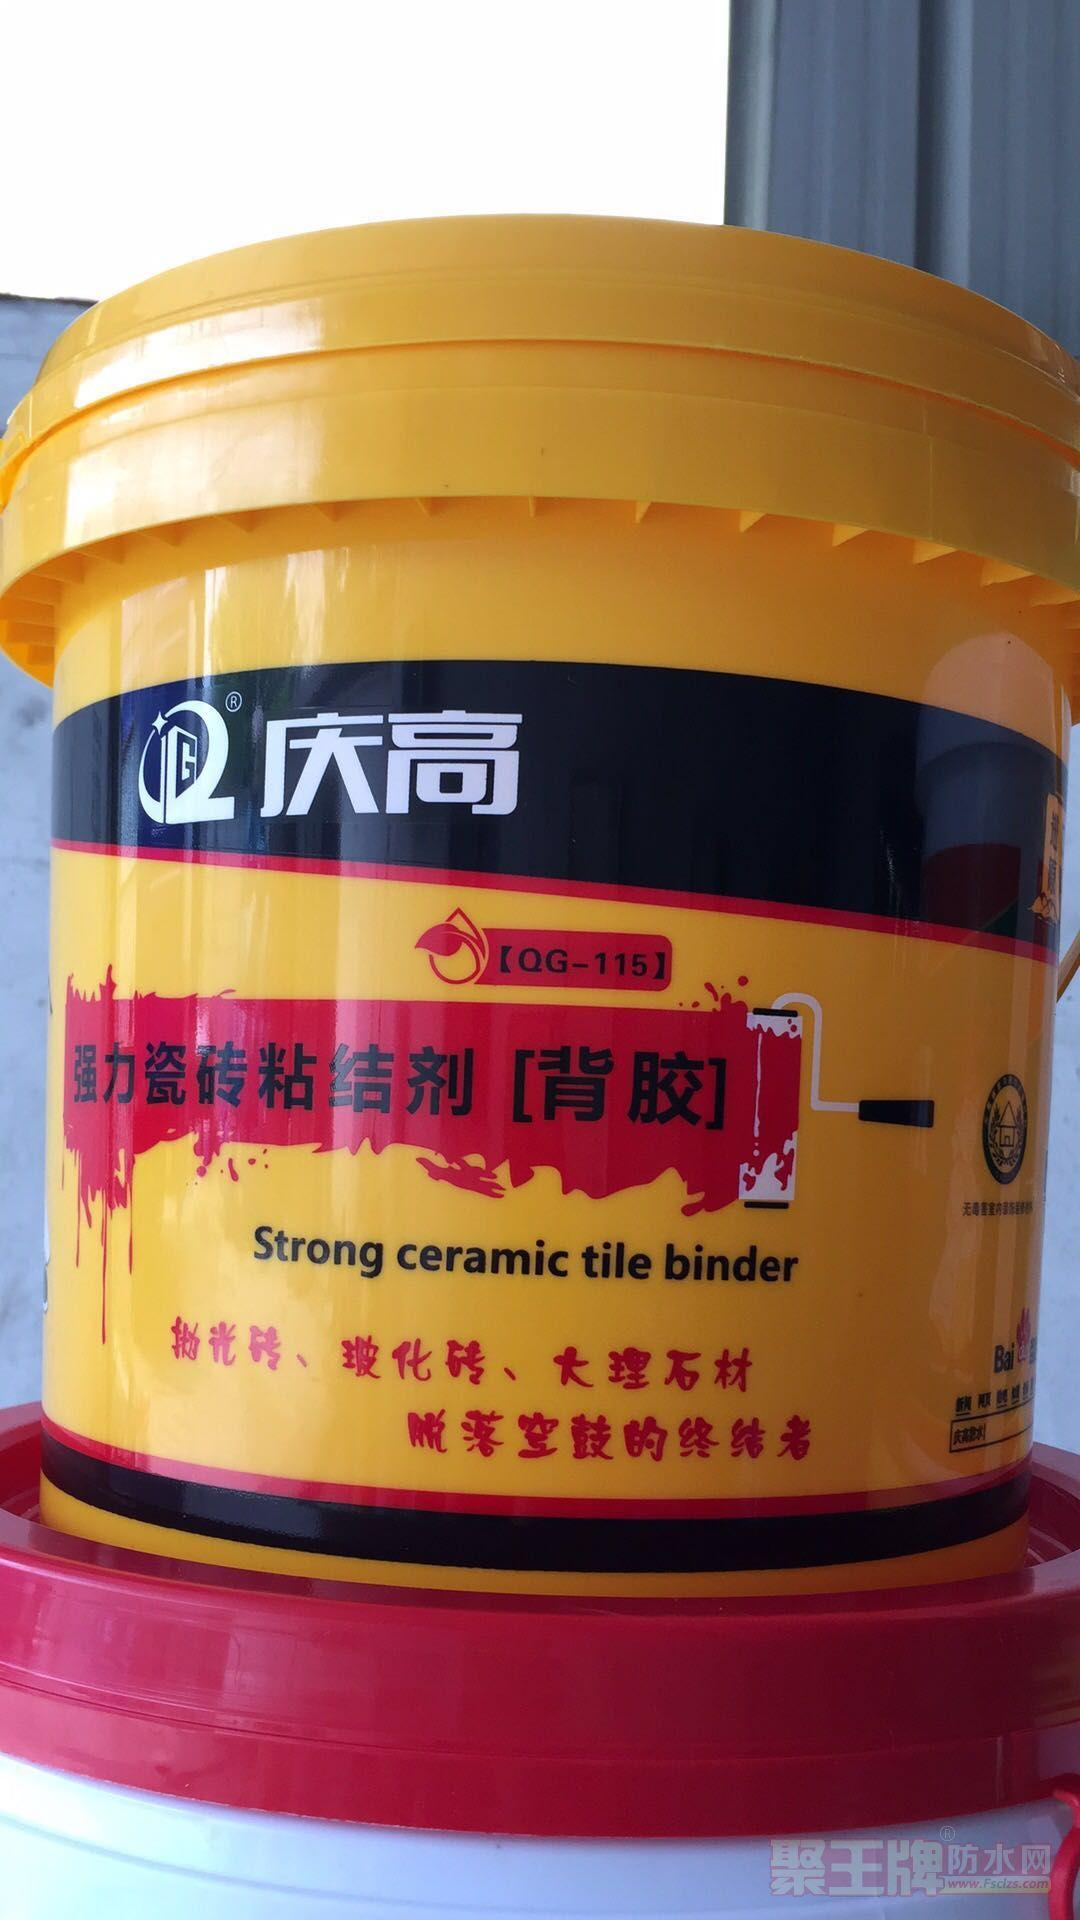 庆高强力瓷砖粘结剂/背胶厂家直销/源头厂家